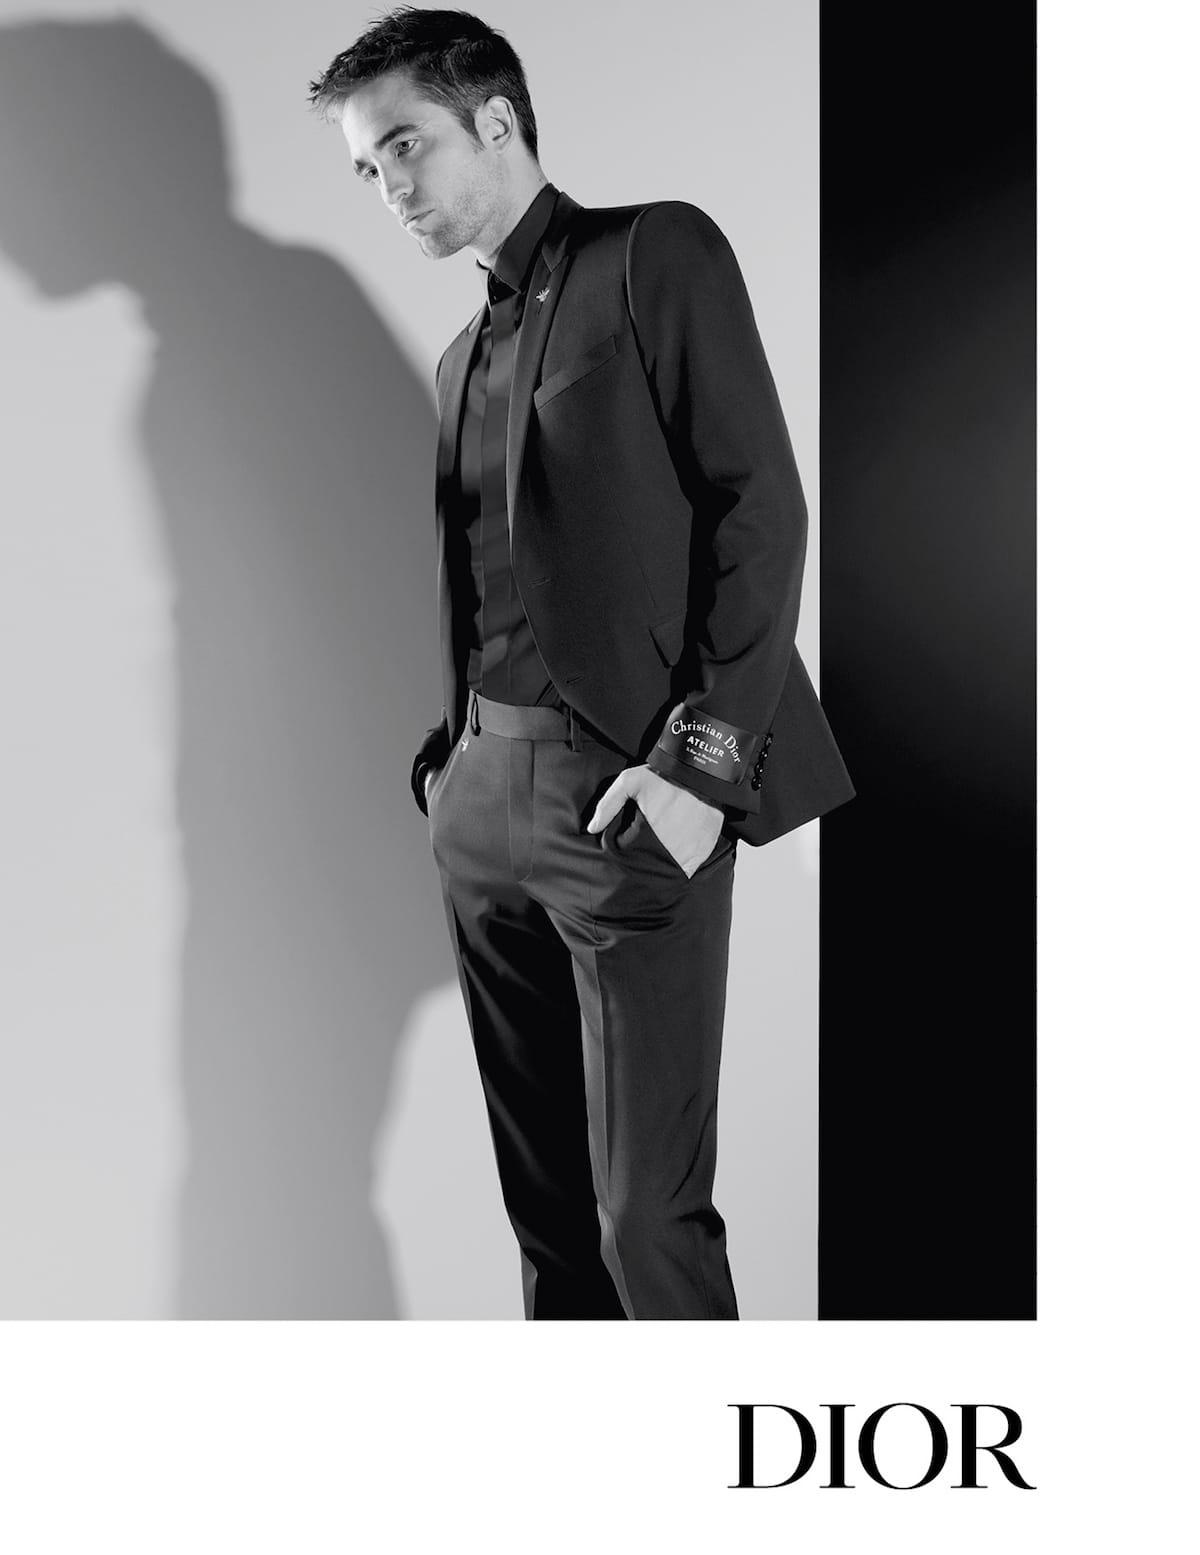 ロバート・パティンソンをカール・ラガーフェルドが捉える!Dior Homme AUTUMN 18 CAMPAIGN fashion180413_dior-homme_2-1200x1555